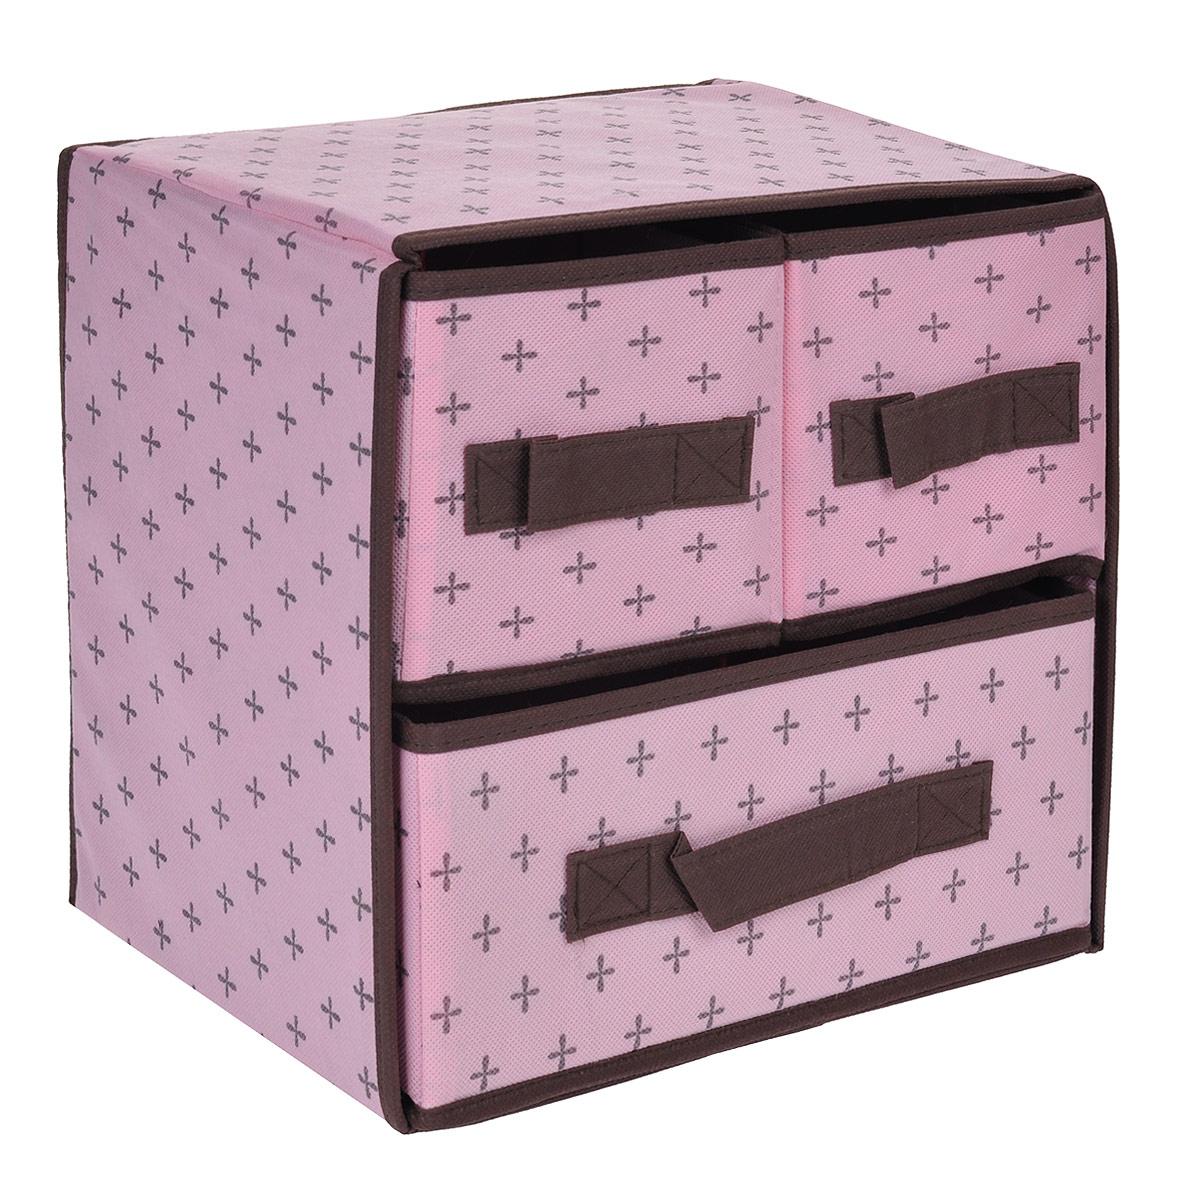 Кофр для хранения FS-6103, цвет: розовый, 29 х 23 х 28 смFS-6103Кофр для хранения с тремя отделениями FS-6103 изготовлен из высококачественного нетканого материала, который позволяет сохранять естественную вентиляцию, а воздуху свободно проникать внутрь, не пропуская пыль. Благодаря специальным вставкам, кофр прекрасно держит форму, а эстетичный дизайн гармонично смотрится в любом интерьере. Мобильность конструкции обеспечивает складывание и раскладывание одним движением.Такой кофр сэкономит место и сохранит порядок в доме. Характеристики:Материал: нетканый материал. Цвет: розовый. Размер кофра (Ш х Д х В): 29 см х 23 см х 28 см.